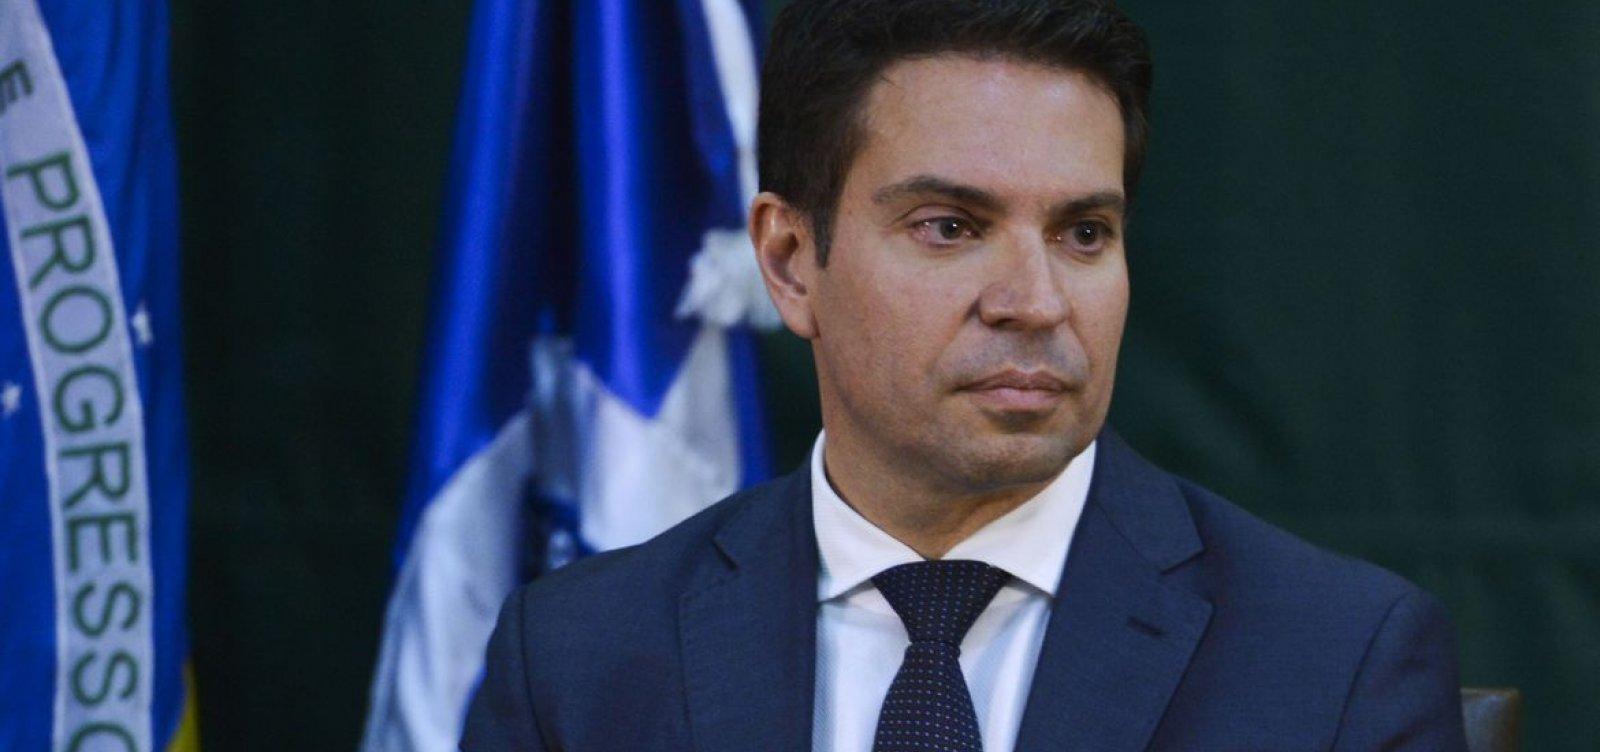 [Ramagem comandou operação da PF que deu origem a investigação relacionada a Flávio Bolsonaro]